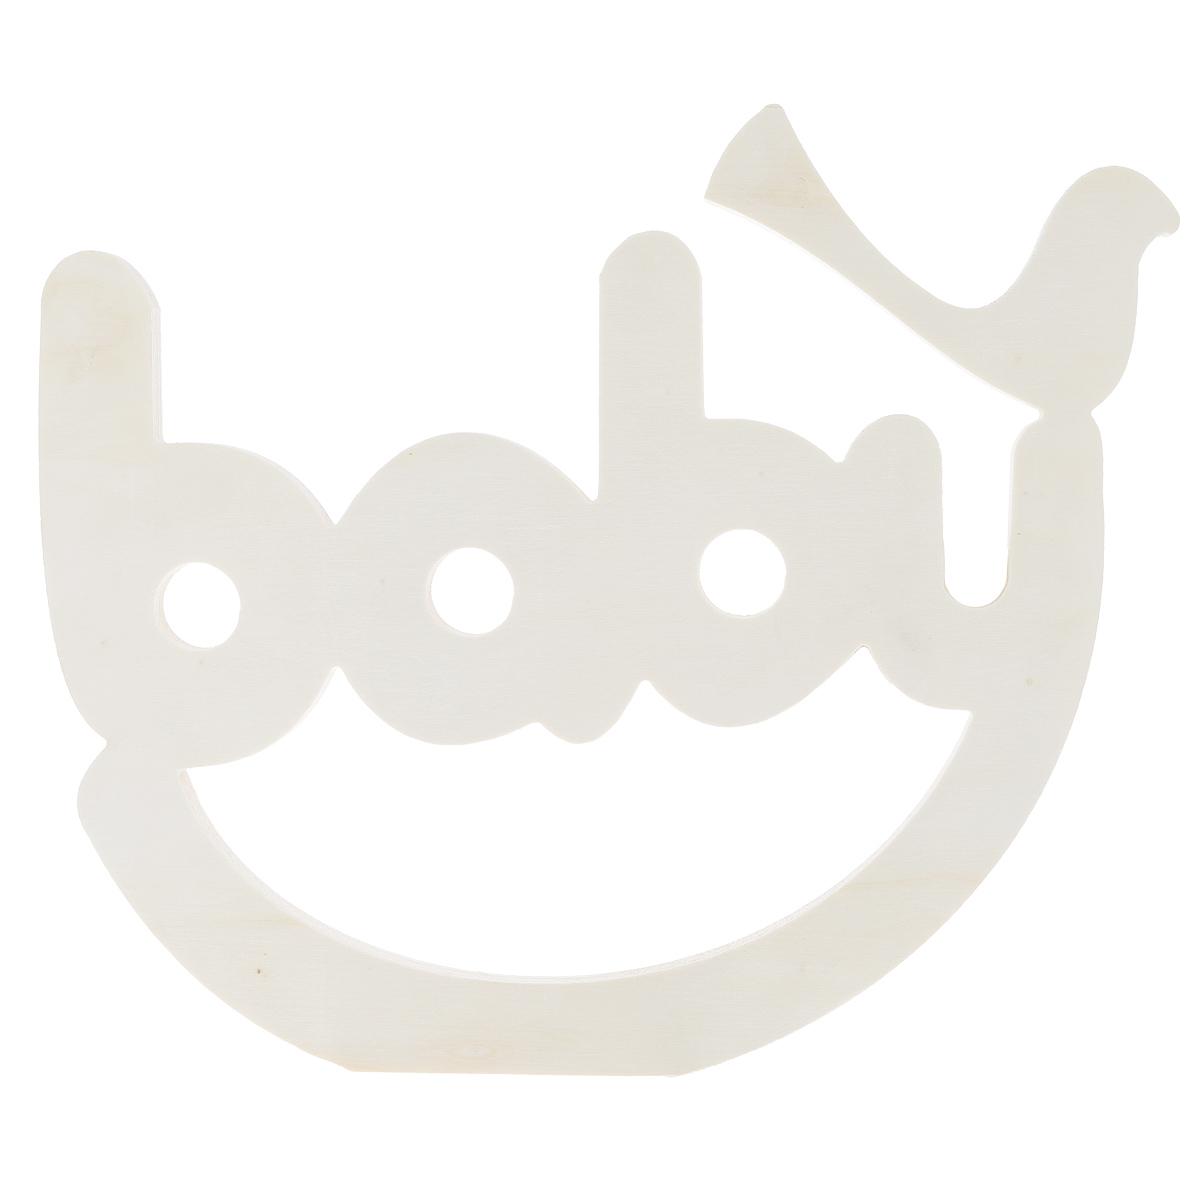 Заготовка для декупажа ScrapBerrys Baby, 30 х 26 х 1,4 смSCB350167Заготовка ScrapBerrys  Надпись Baby изготовлена из фанеры и предназначена для занятий декупажом. Она является хорошим объектом для вашего творчества и прекрасным подарком для юных художников, так как фанера отлично подходит для оформления красками. Декупаж - техника декорирования различных предметов, основанная на присоединении рисунка, картины или орнамента (обычного вырезанного) к предмету и покрытии полученной композиции лаком ради эффектности, сохранности и долговечности. > Размер надписи: 31 см х 25 см х 1,4 см.